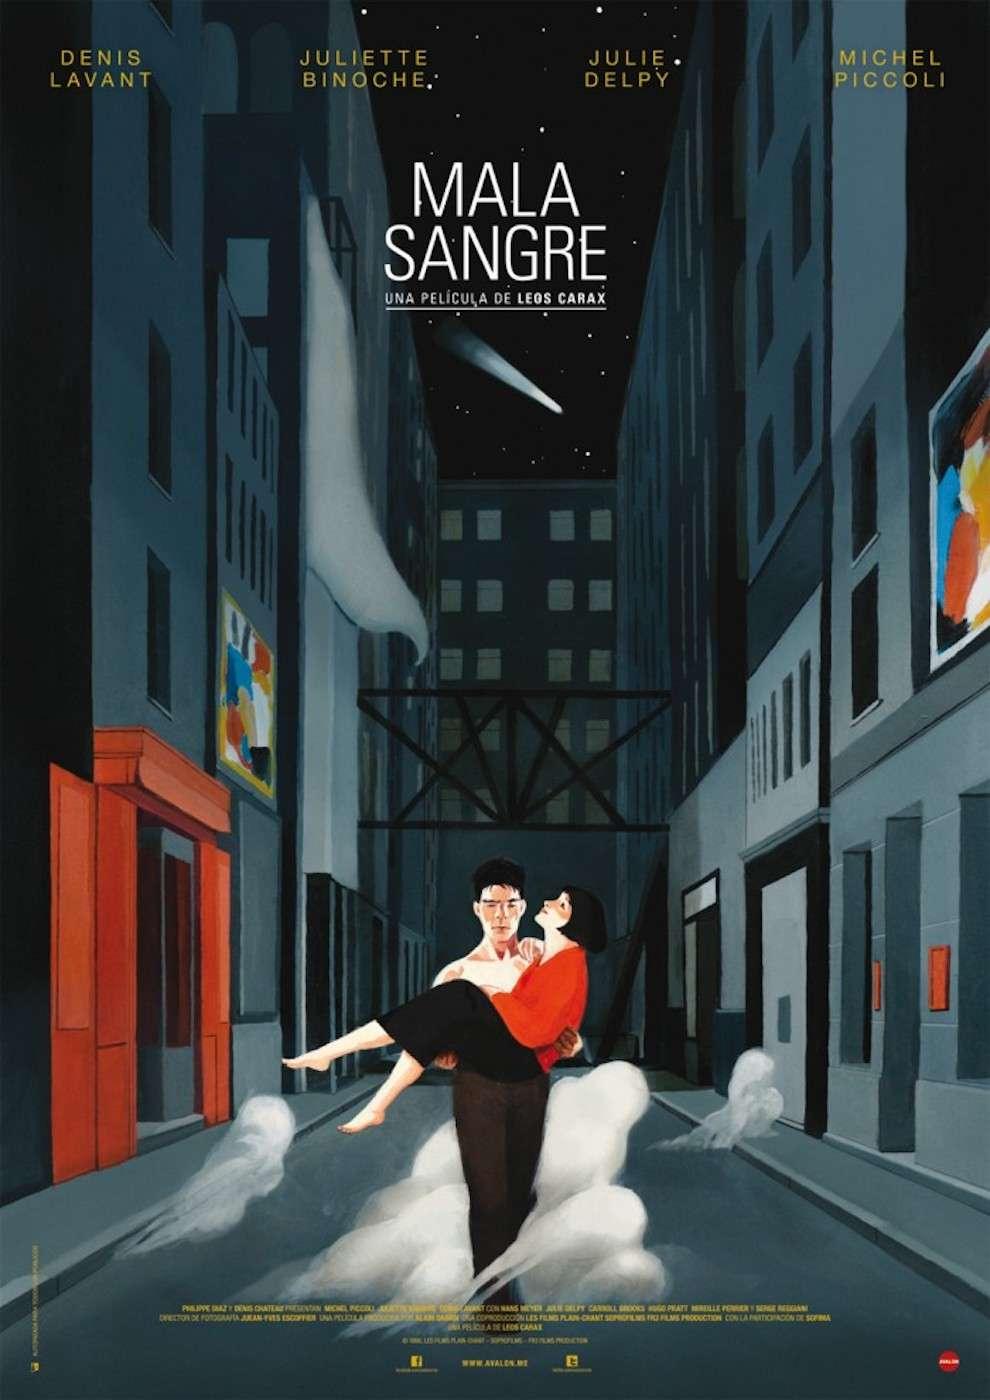 David De Las Heras, Handpainted movie poster in a dark alleyway. Man carrying a woman